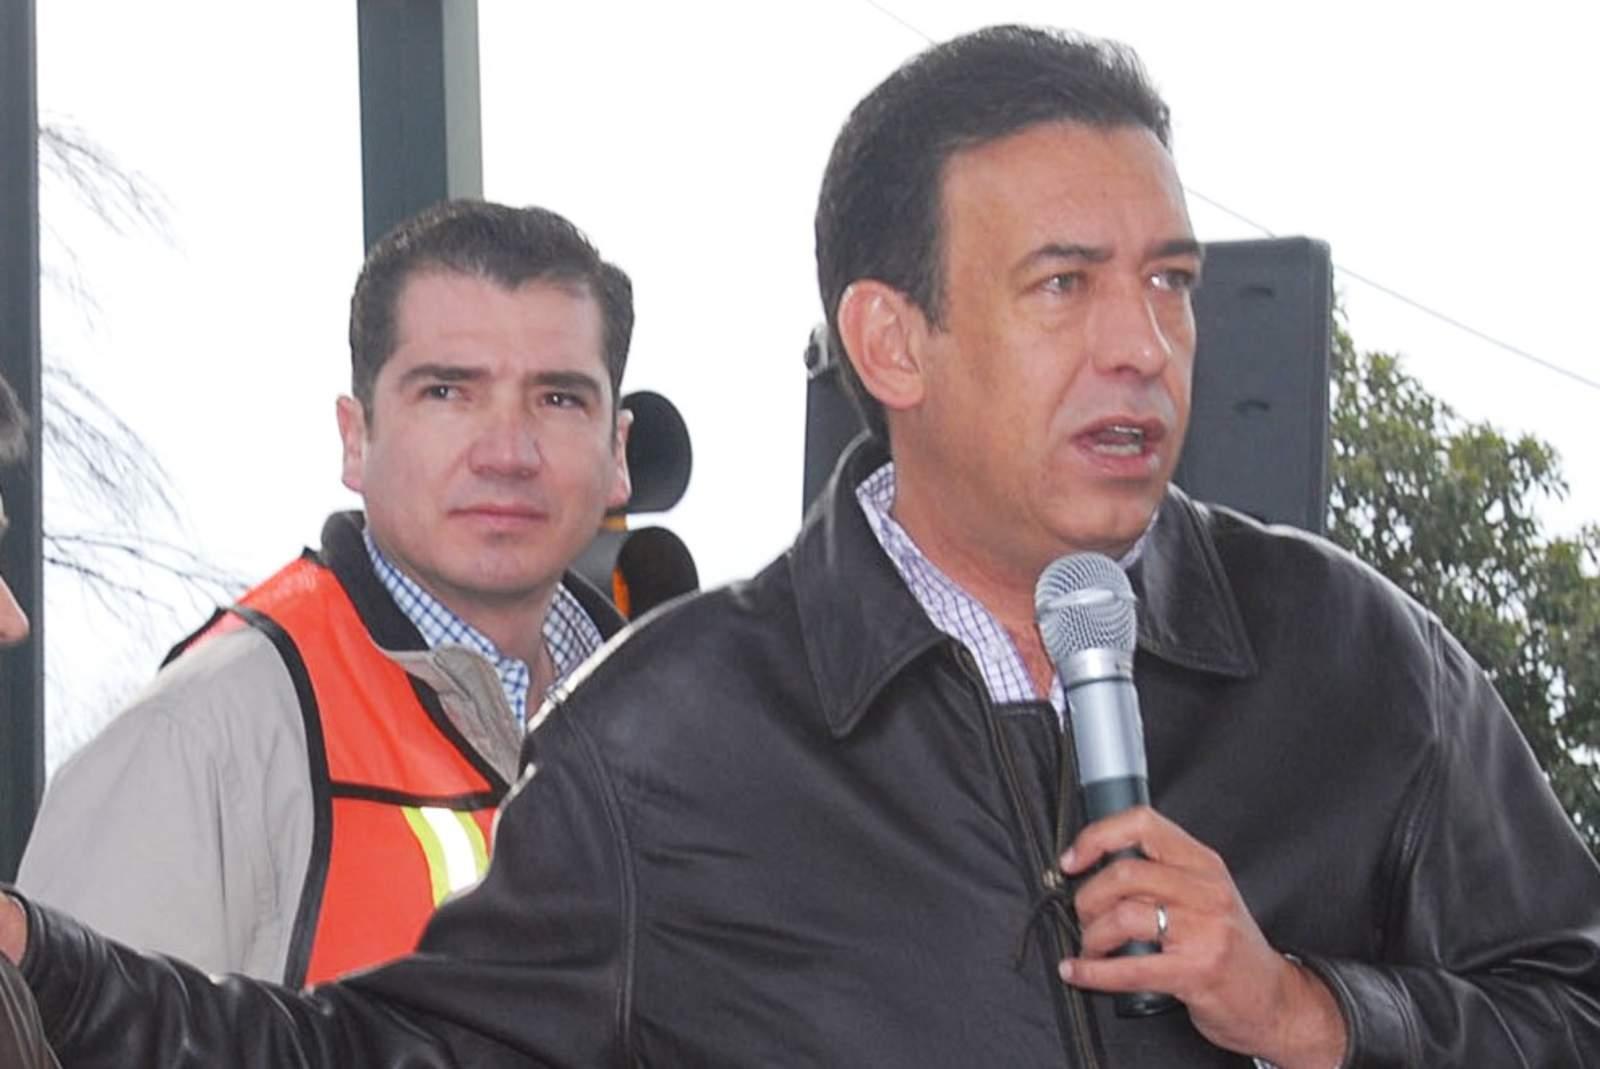 Empresas de Humberto Moreira facturaron 600 mdp del erario: Villarreal